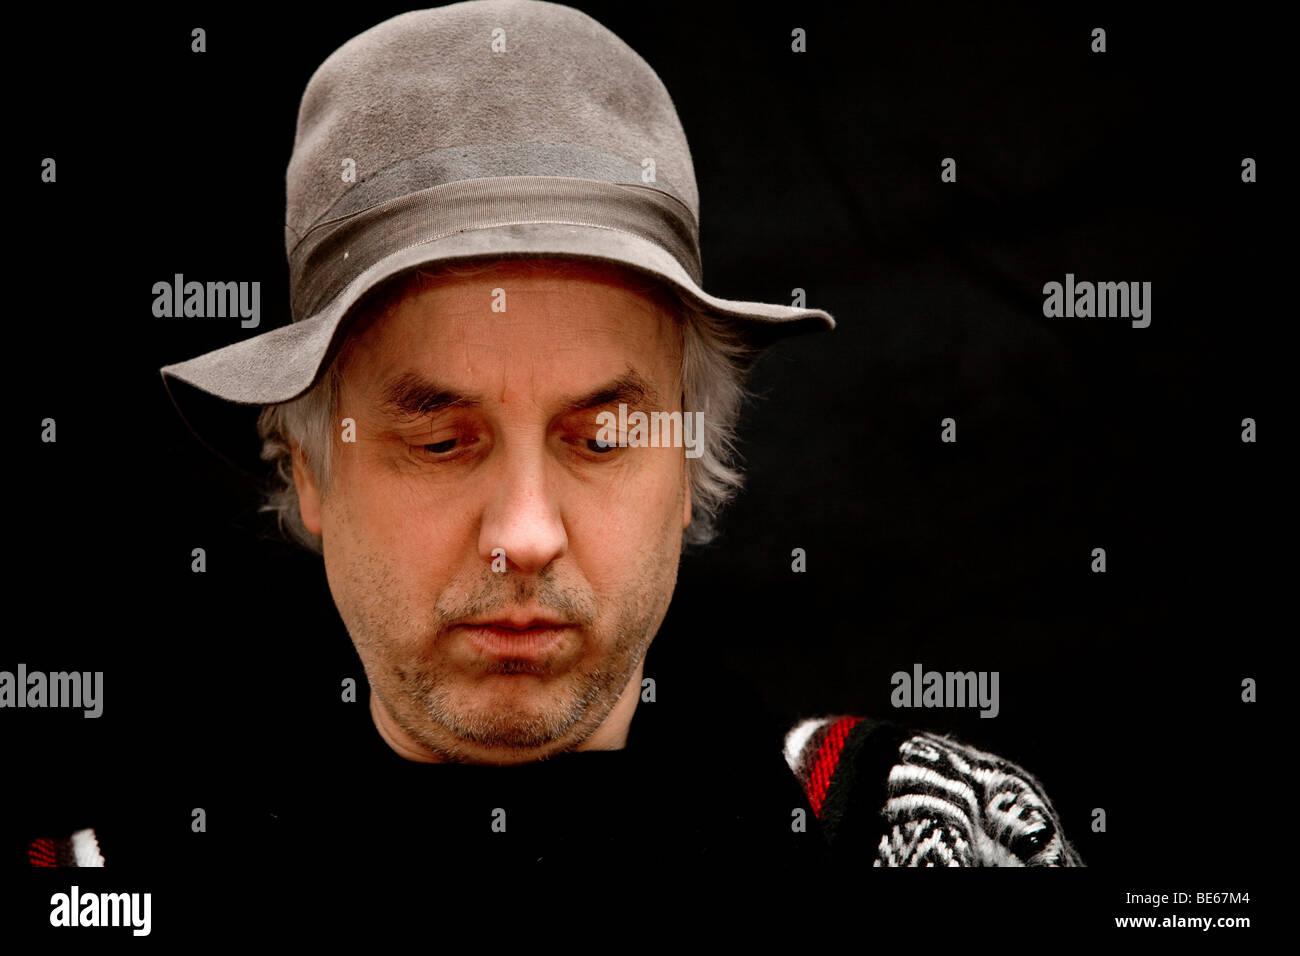 Ritratto di un uomo, 50-55 anni, con coperchio testata Immagini Stock